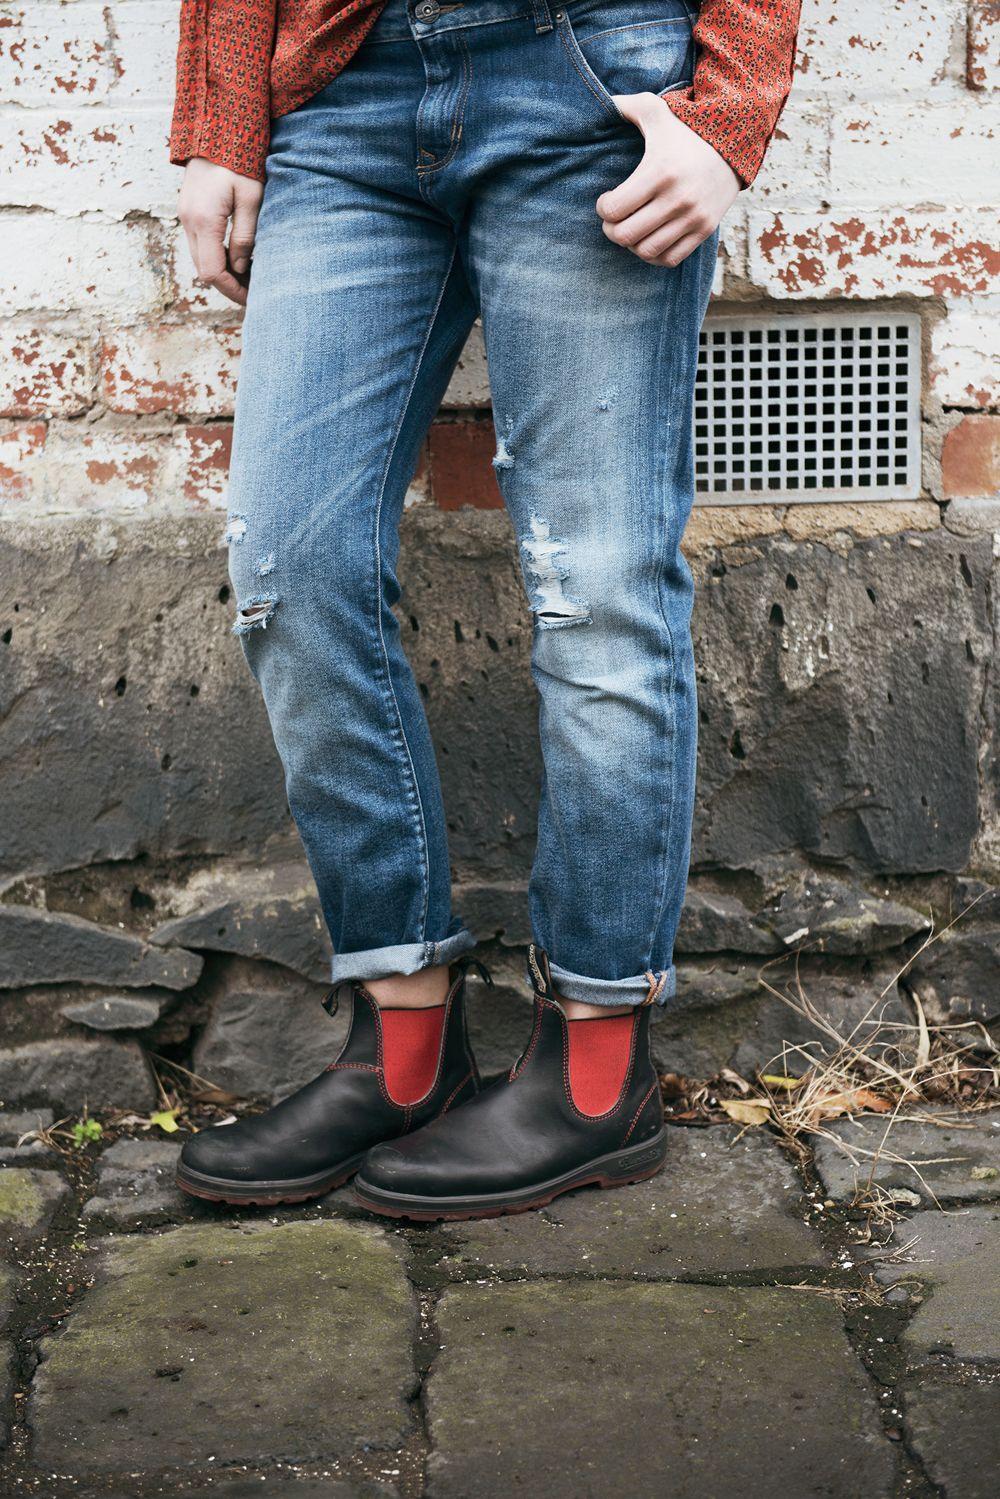 Blundstone Urbans 1316 Boot Black in 2020   Black, Black